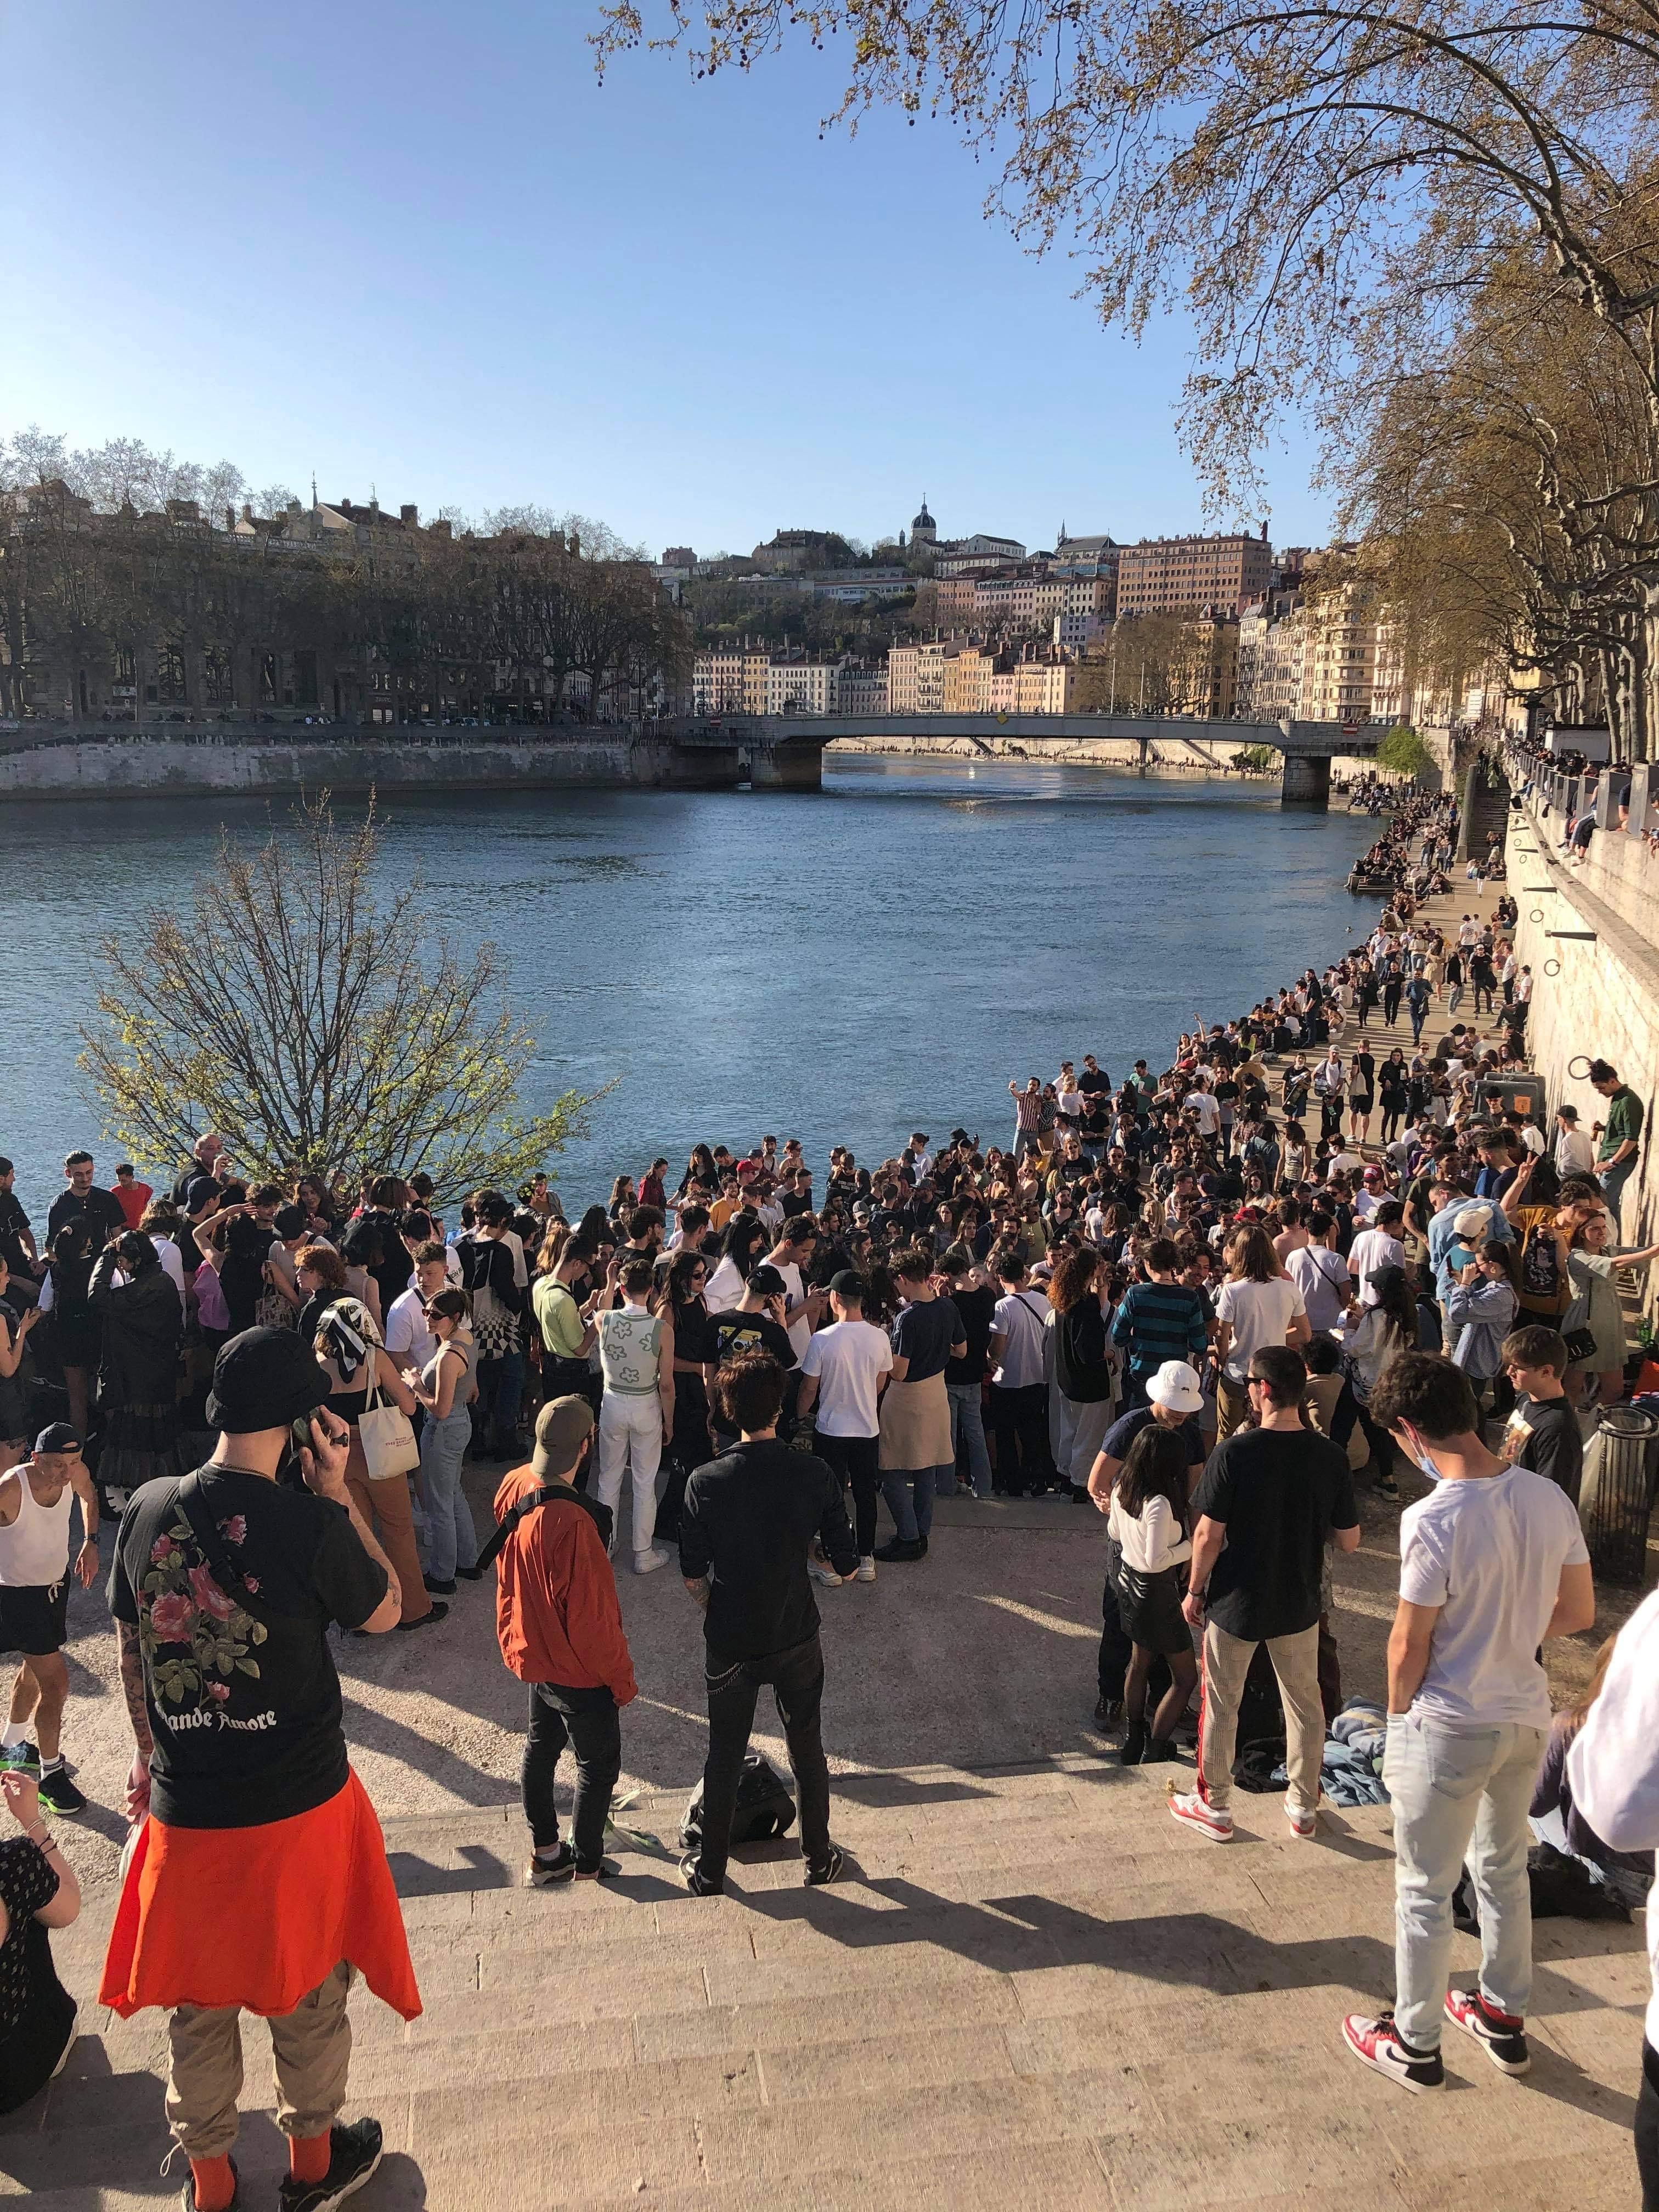 Les deux initiateurs de l'apéro sur les quais de Saône se sont rendus à la police